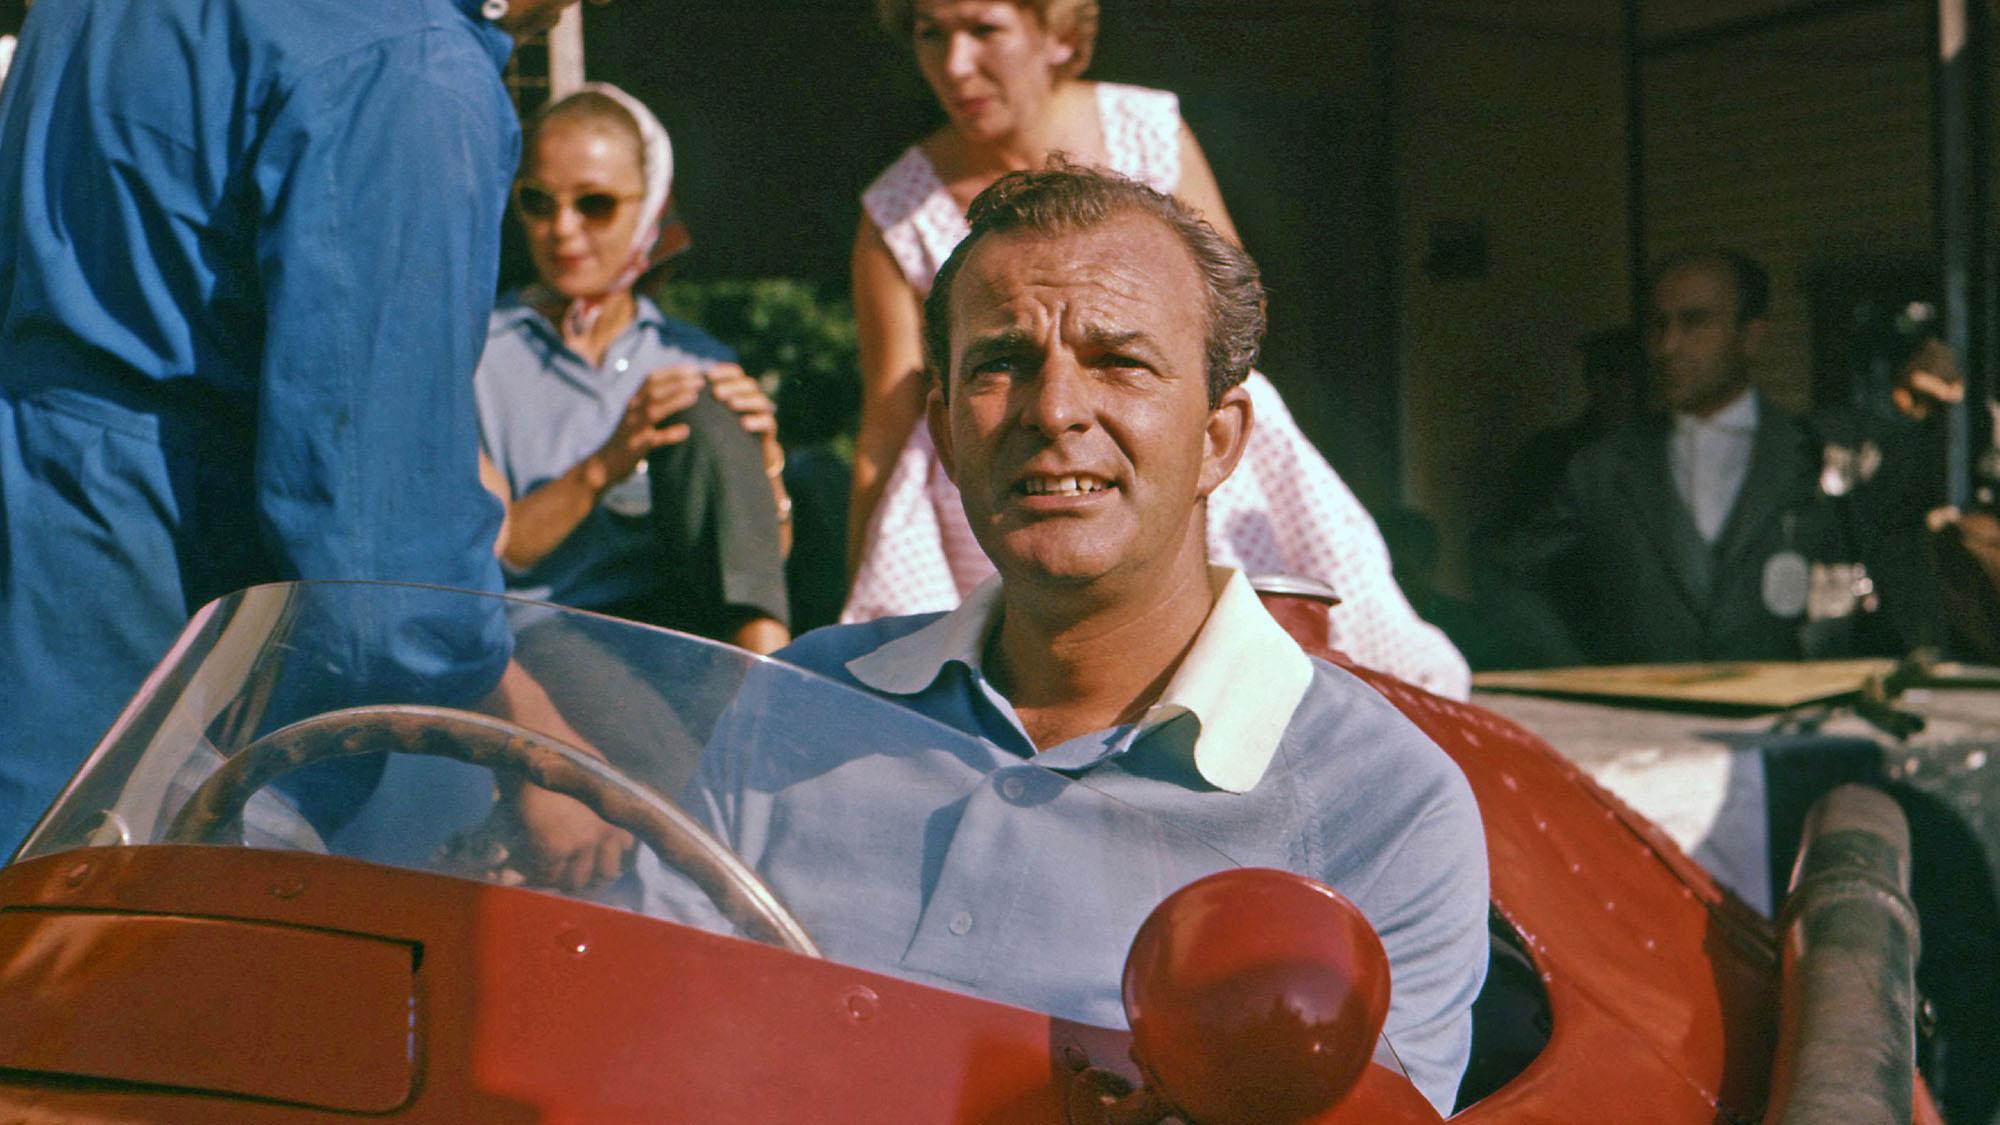 Harry Schell lead